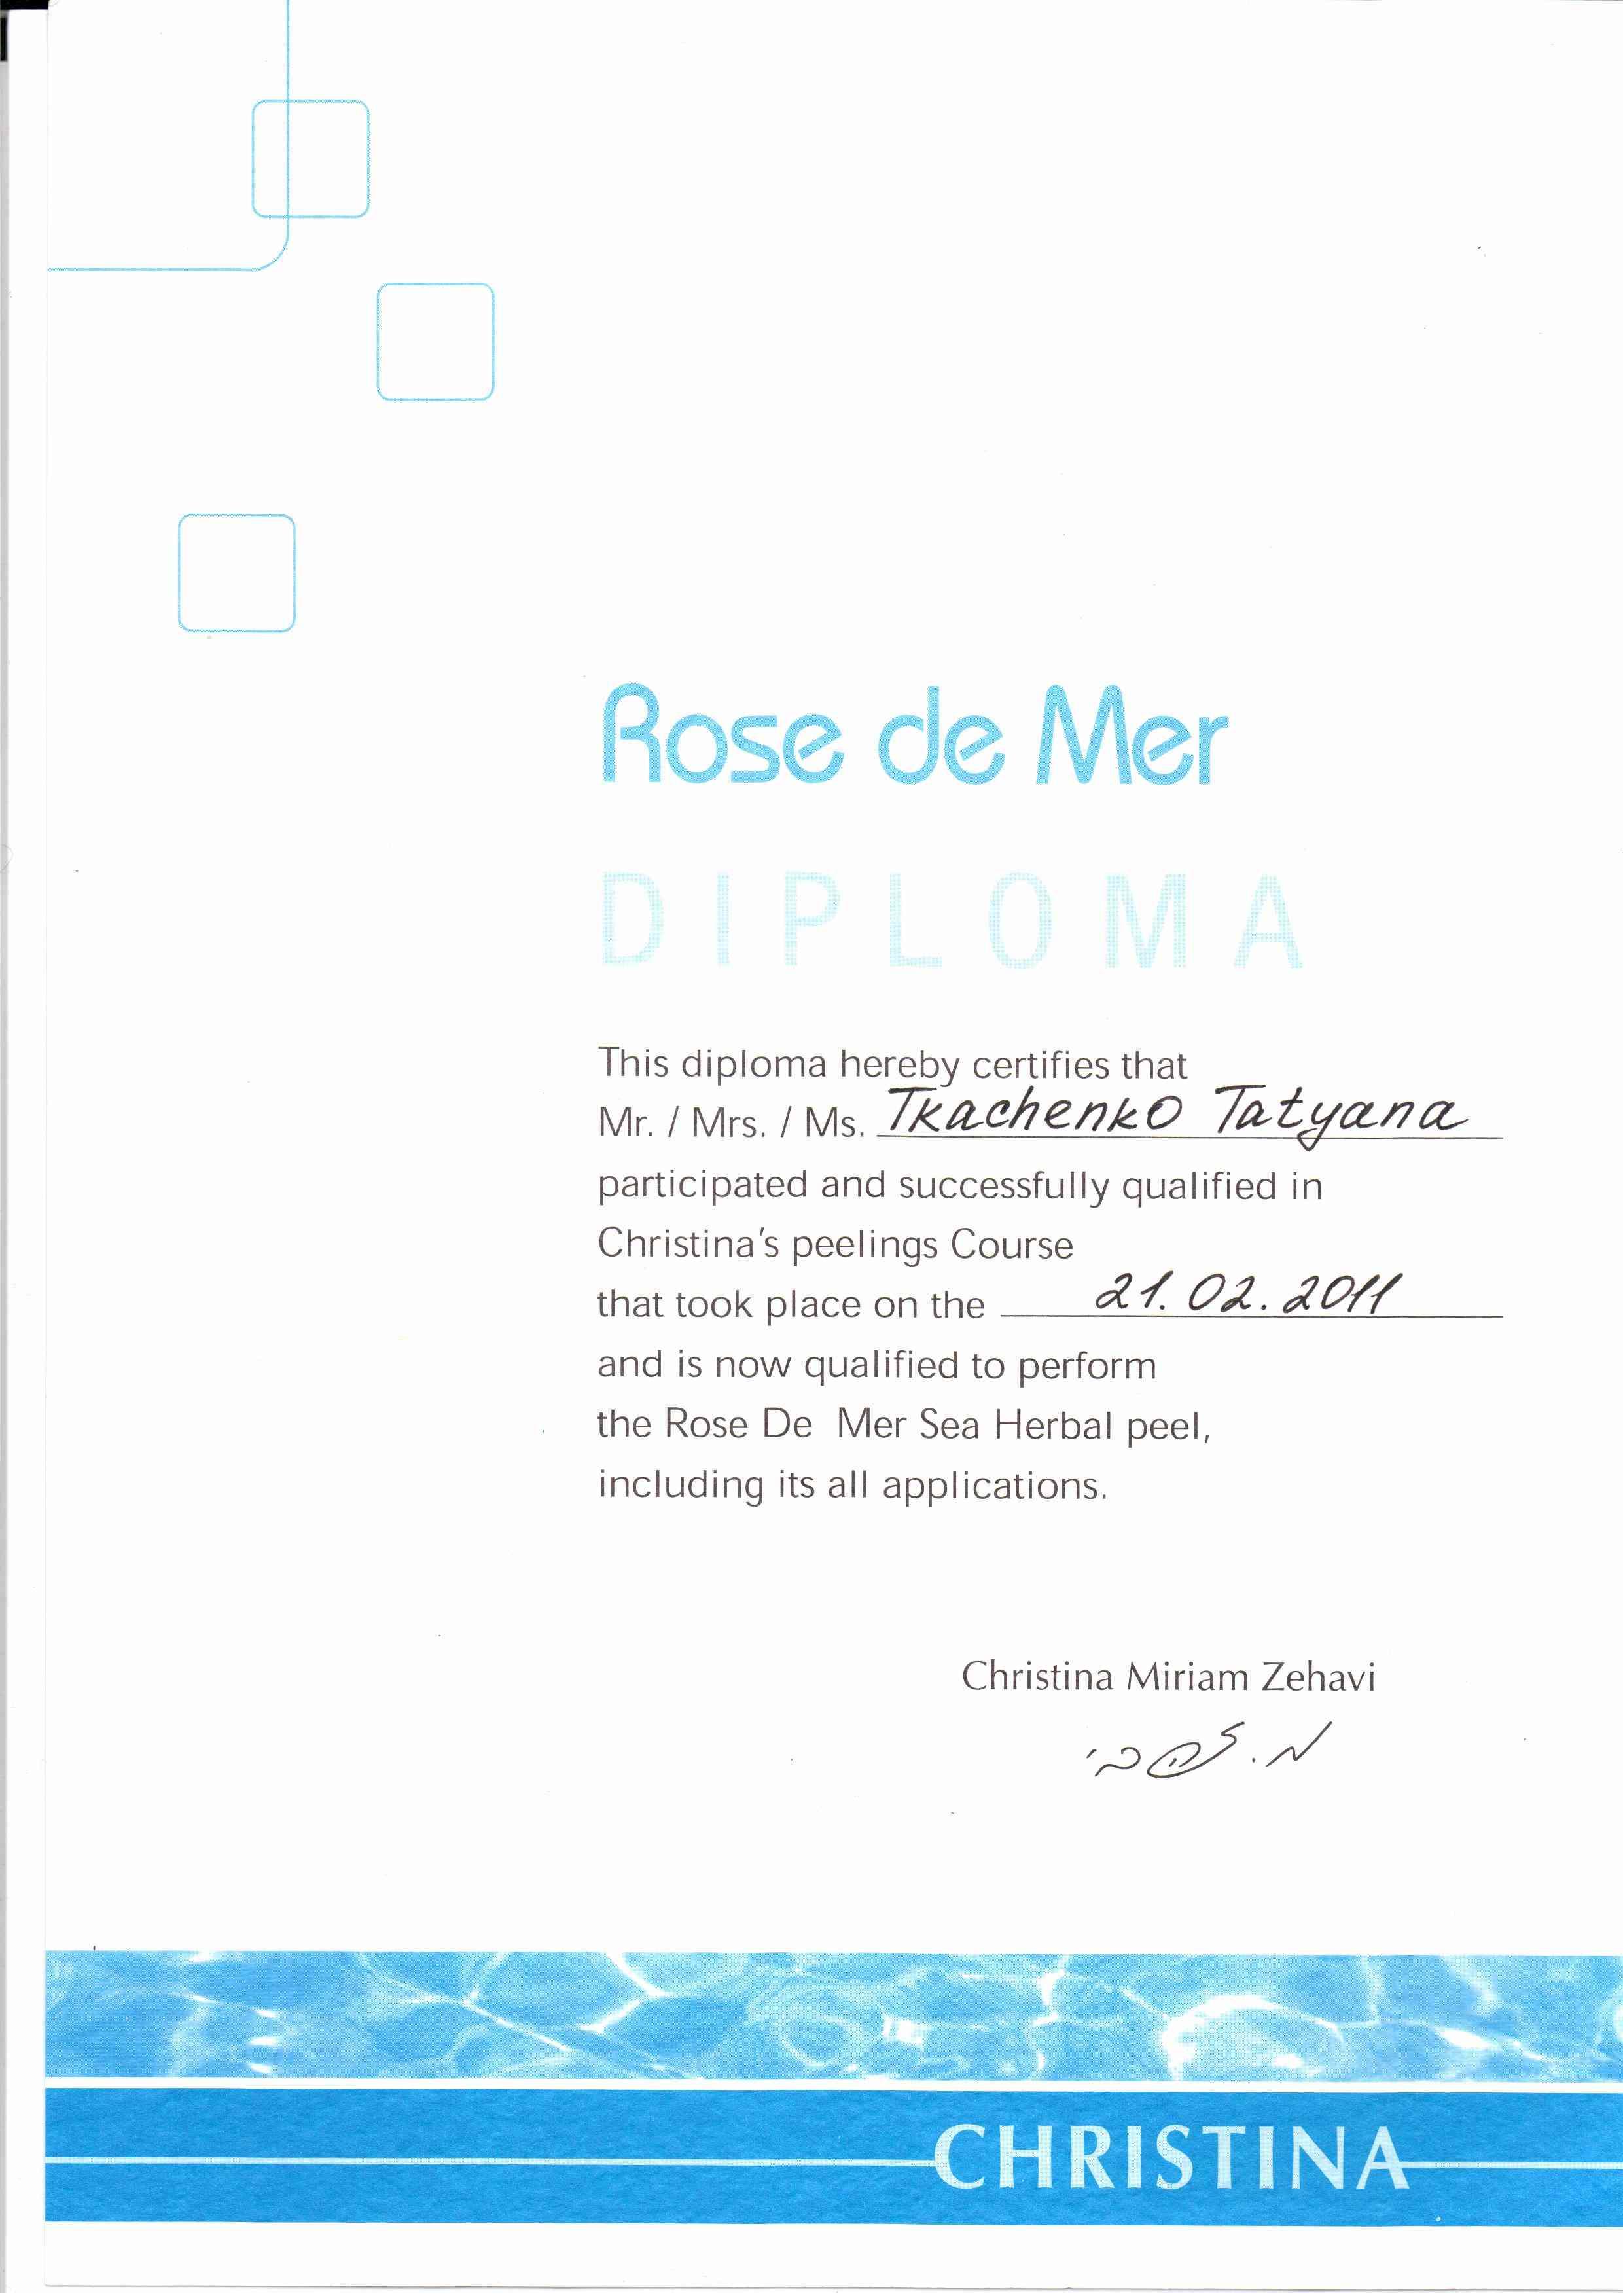 2011 Christina Rose De Mer